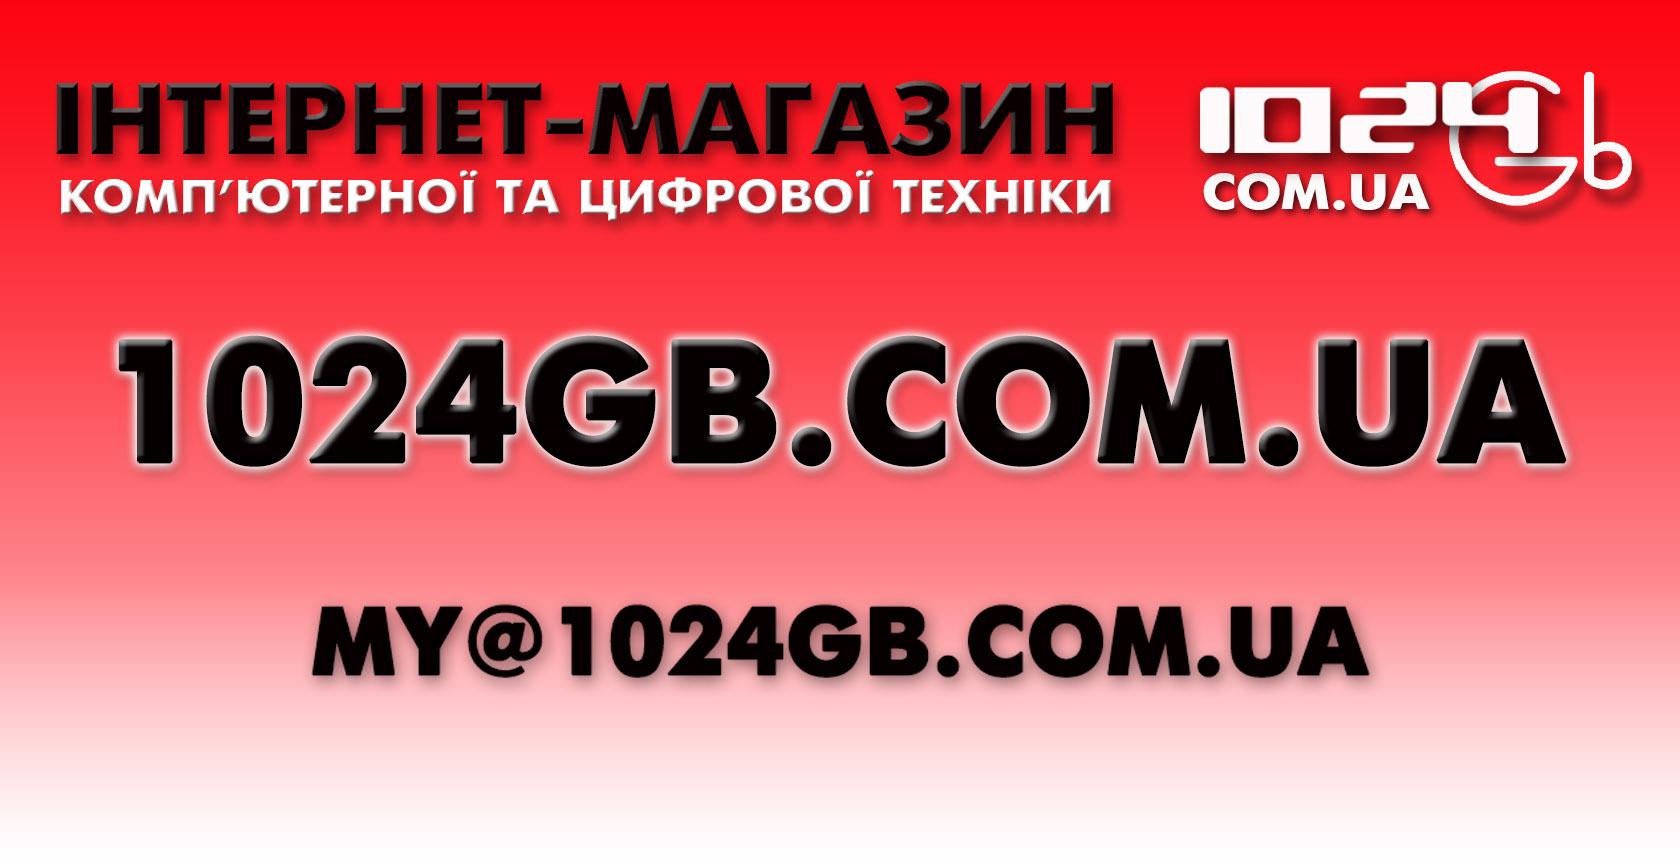 http://1024gb.com.ua